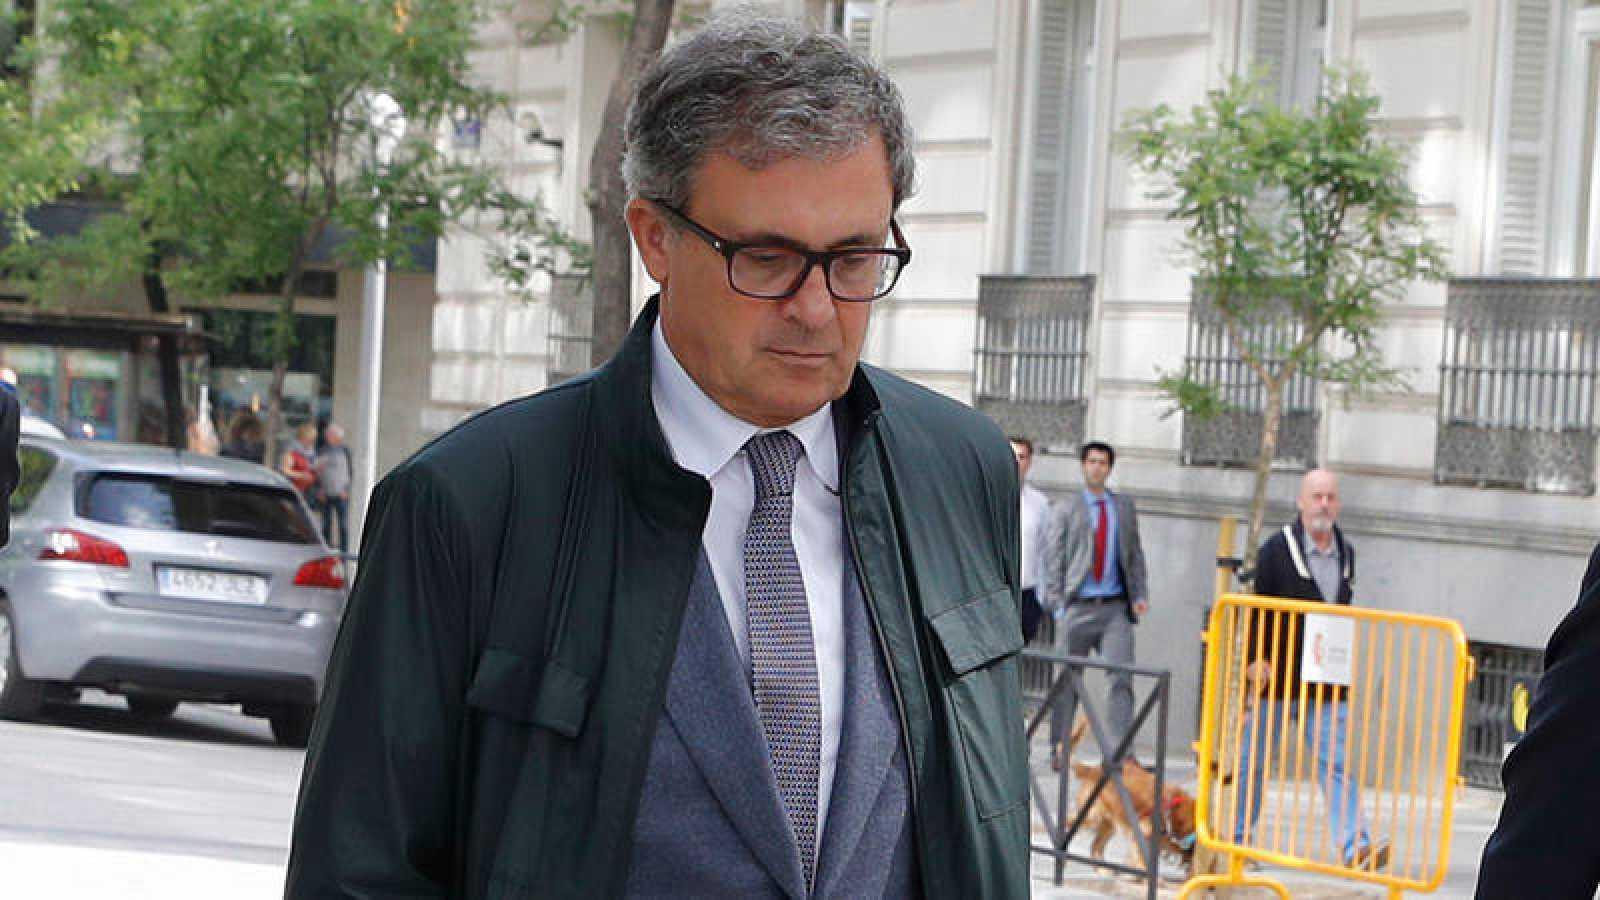 Jordi Pujol Ferrusola, el hijo mayor del expresidente catalán Jordi Pujol